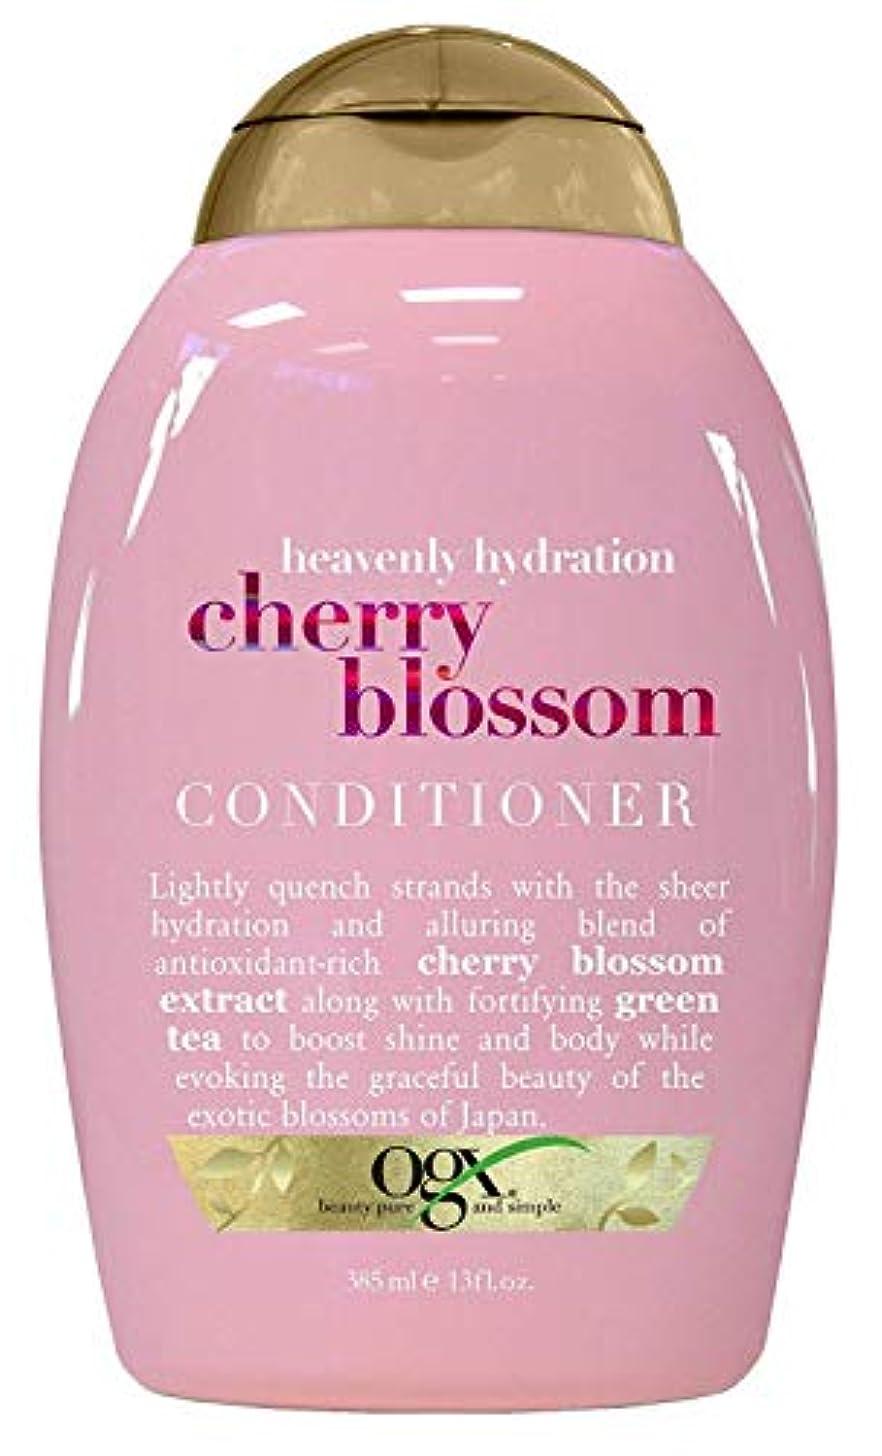 ブレンド鉄ペストリーOGX Heavenly Hydration Cherry Blossom Conditioner 13oz 360ml チェリーブロッサム コンディショナー [並行輸入品]